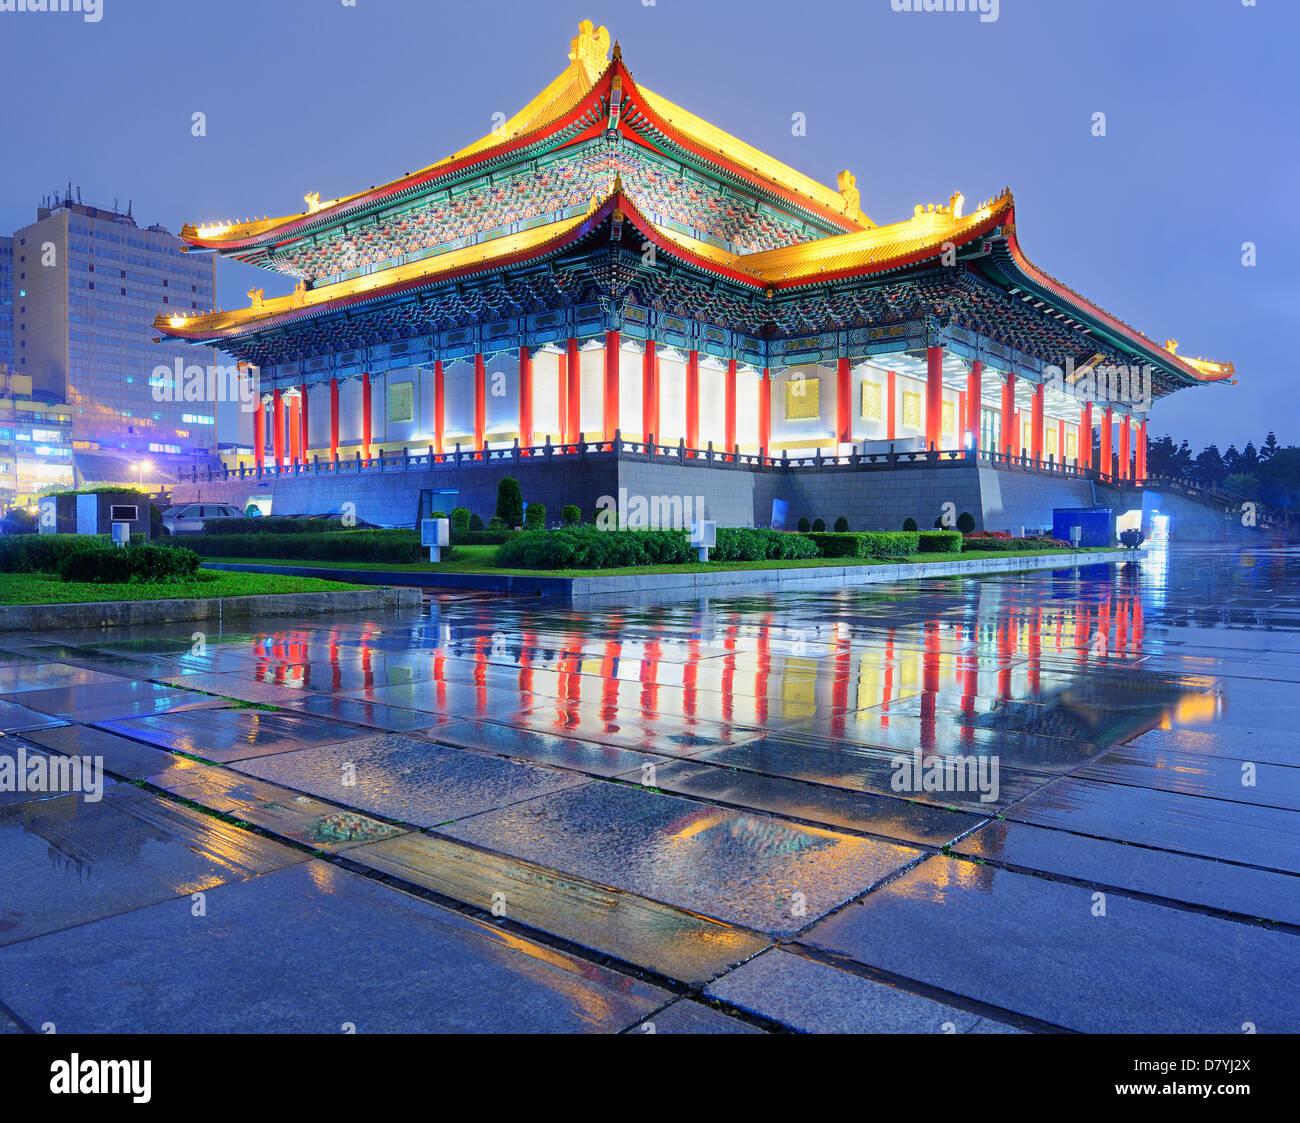 Théâtre national de Taiwan sur la place de la liberté, à Taipei, Taiwan. Photo Stock